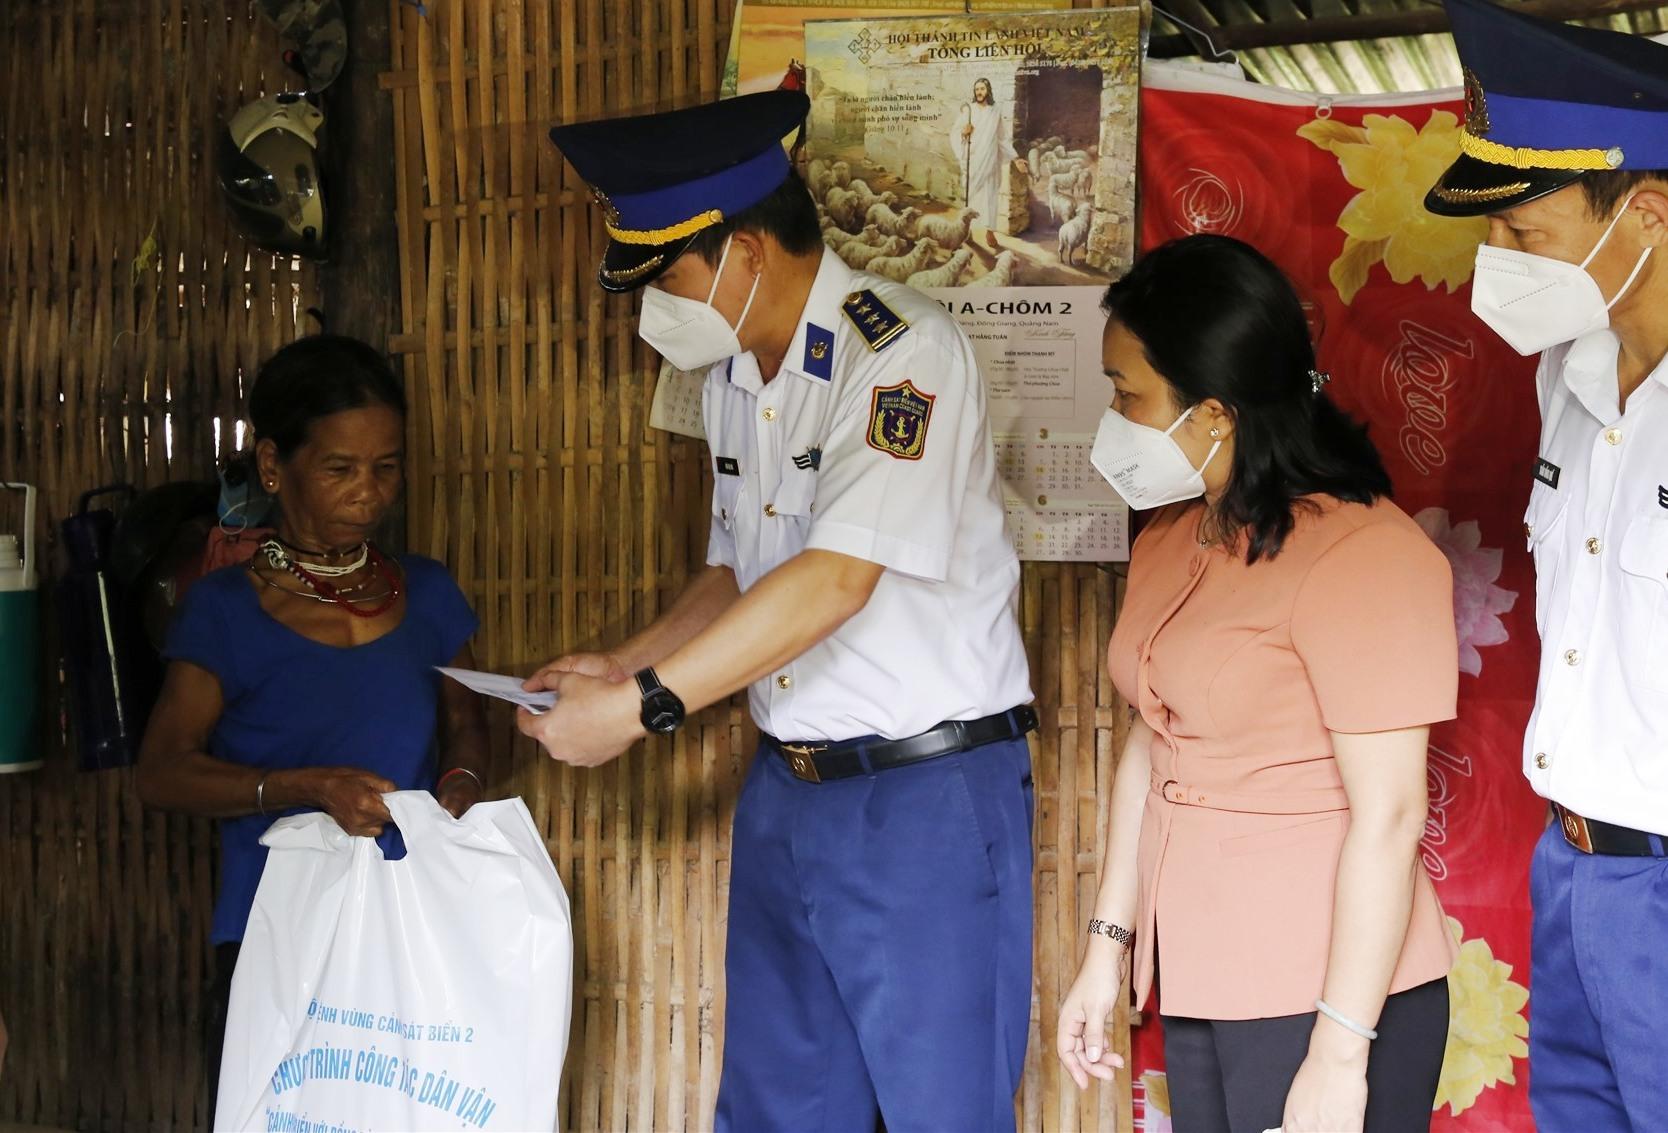 Đoàn công tác đến thăm hỏi, tặng quà cho một gia đình tín đồ đạo Tin Lành có hoàn cảnh khó khăn tại xã Kà Dăng. Ảnh: T.C